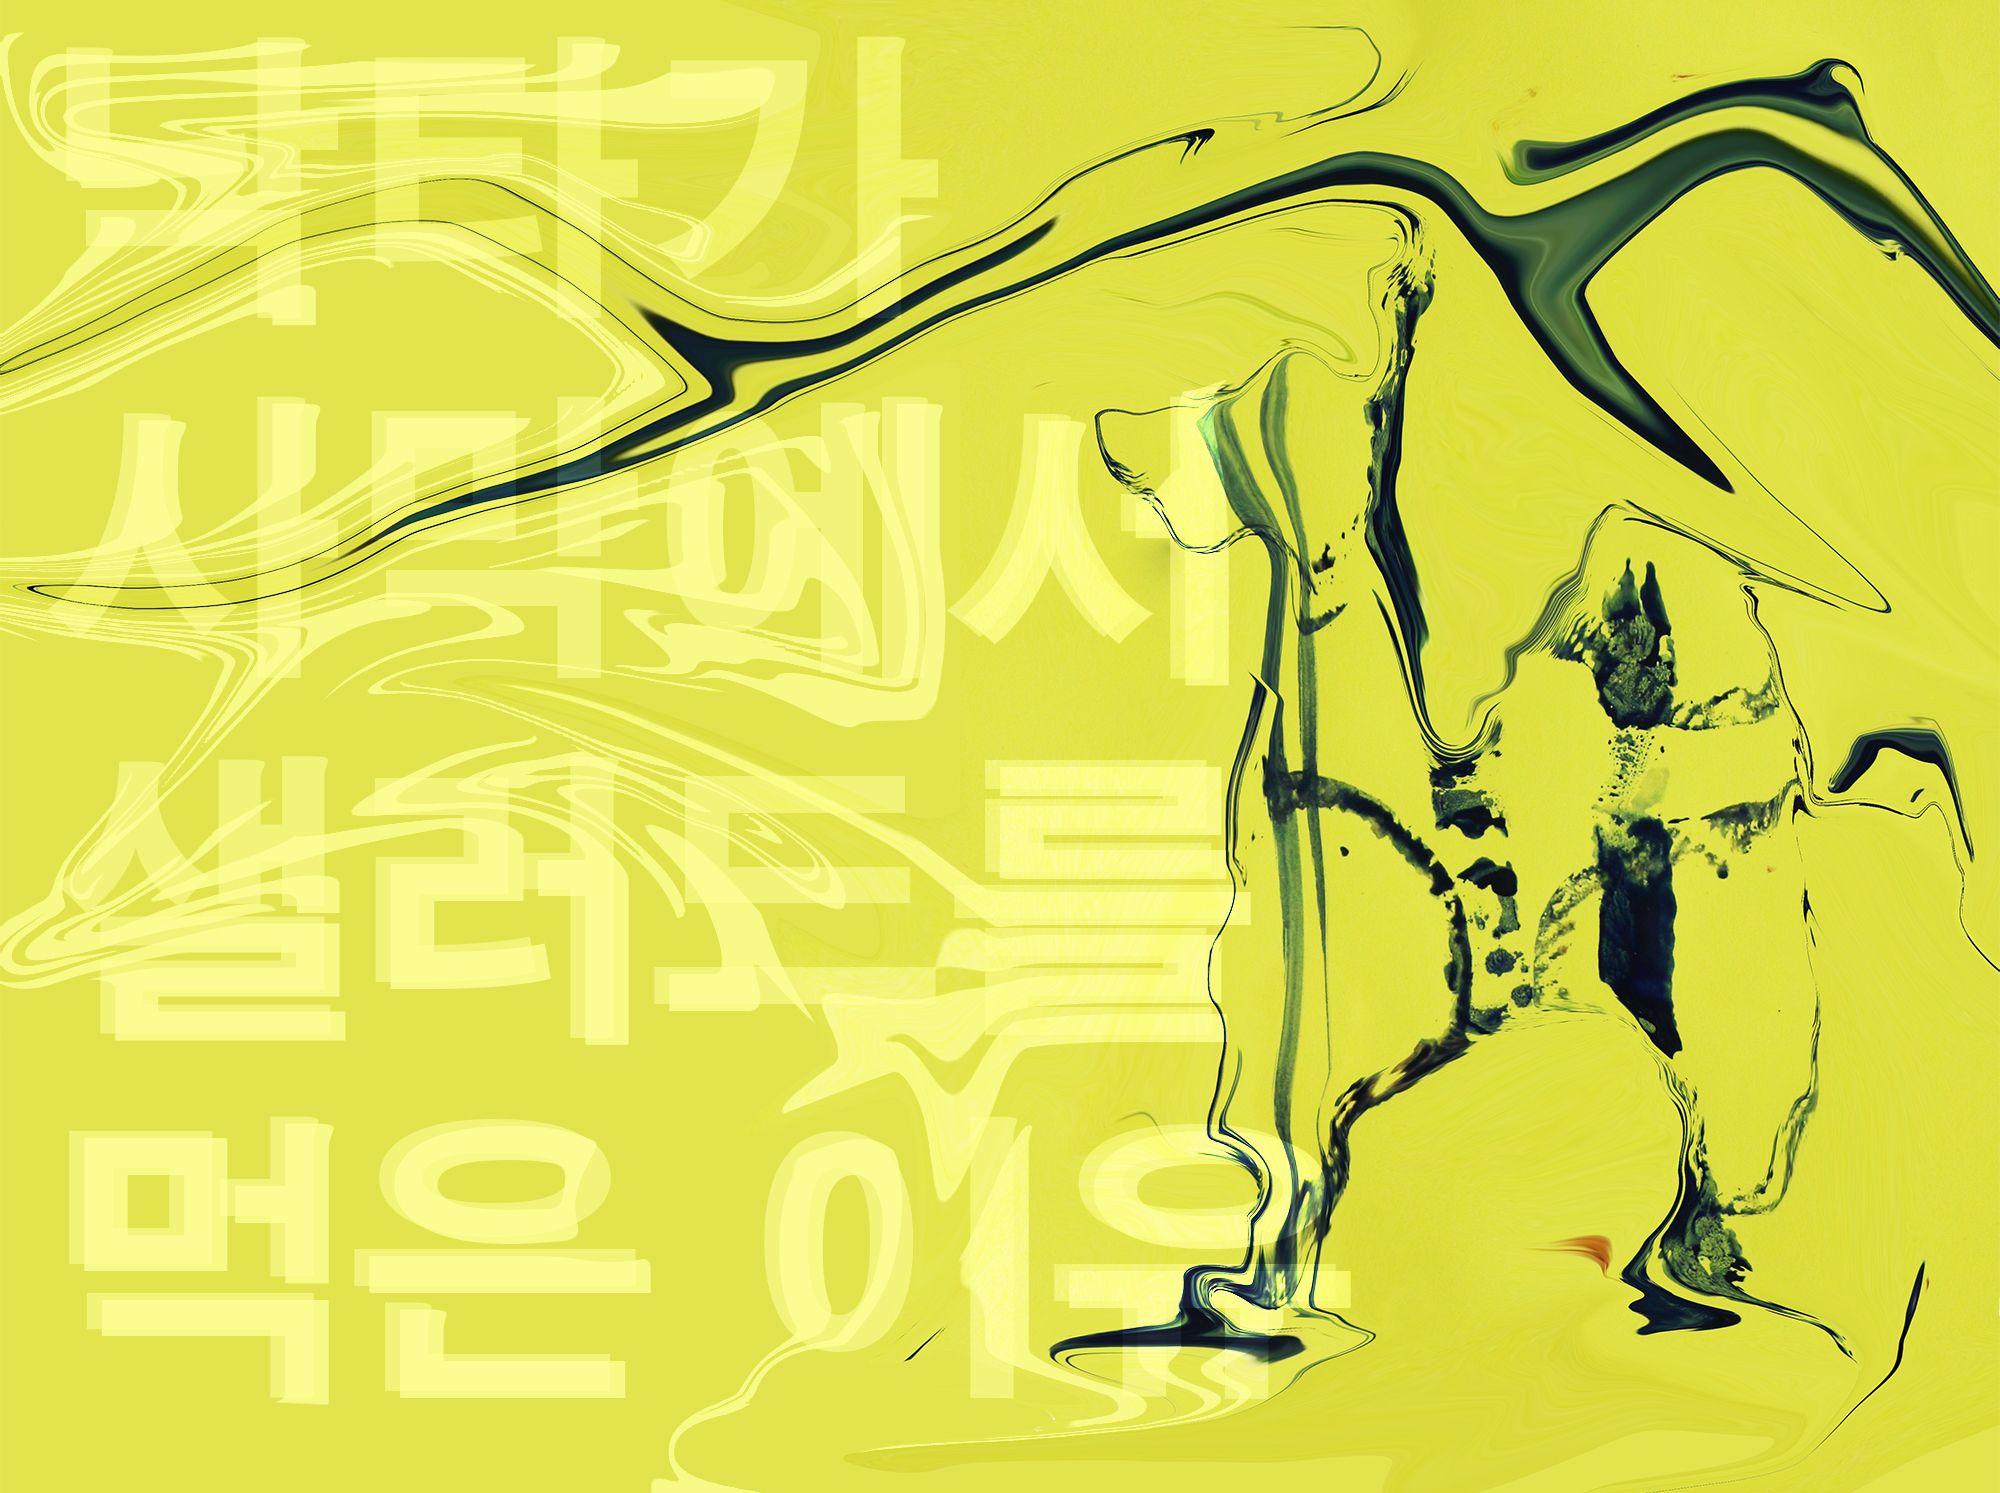 W4_4_박지수 리퀴파이로 만든 낙타..!